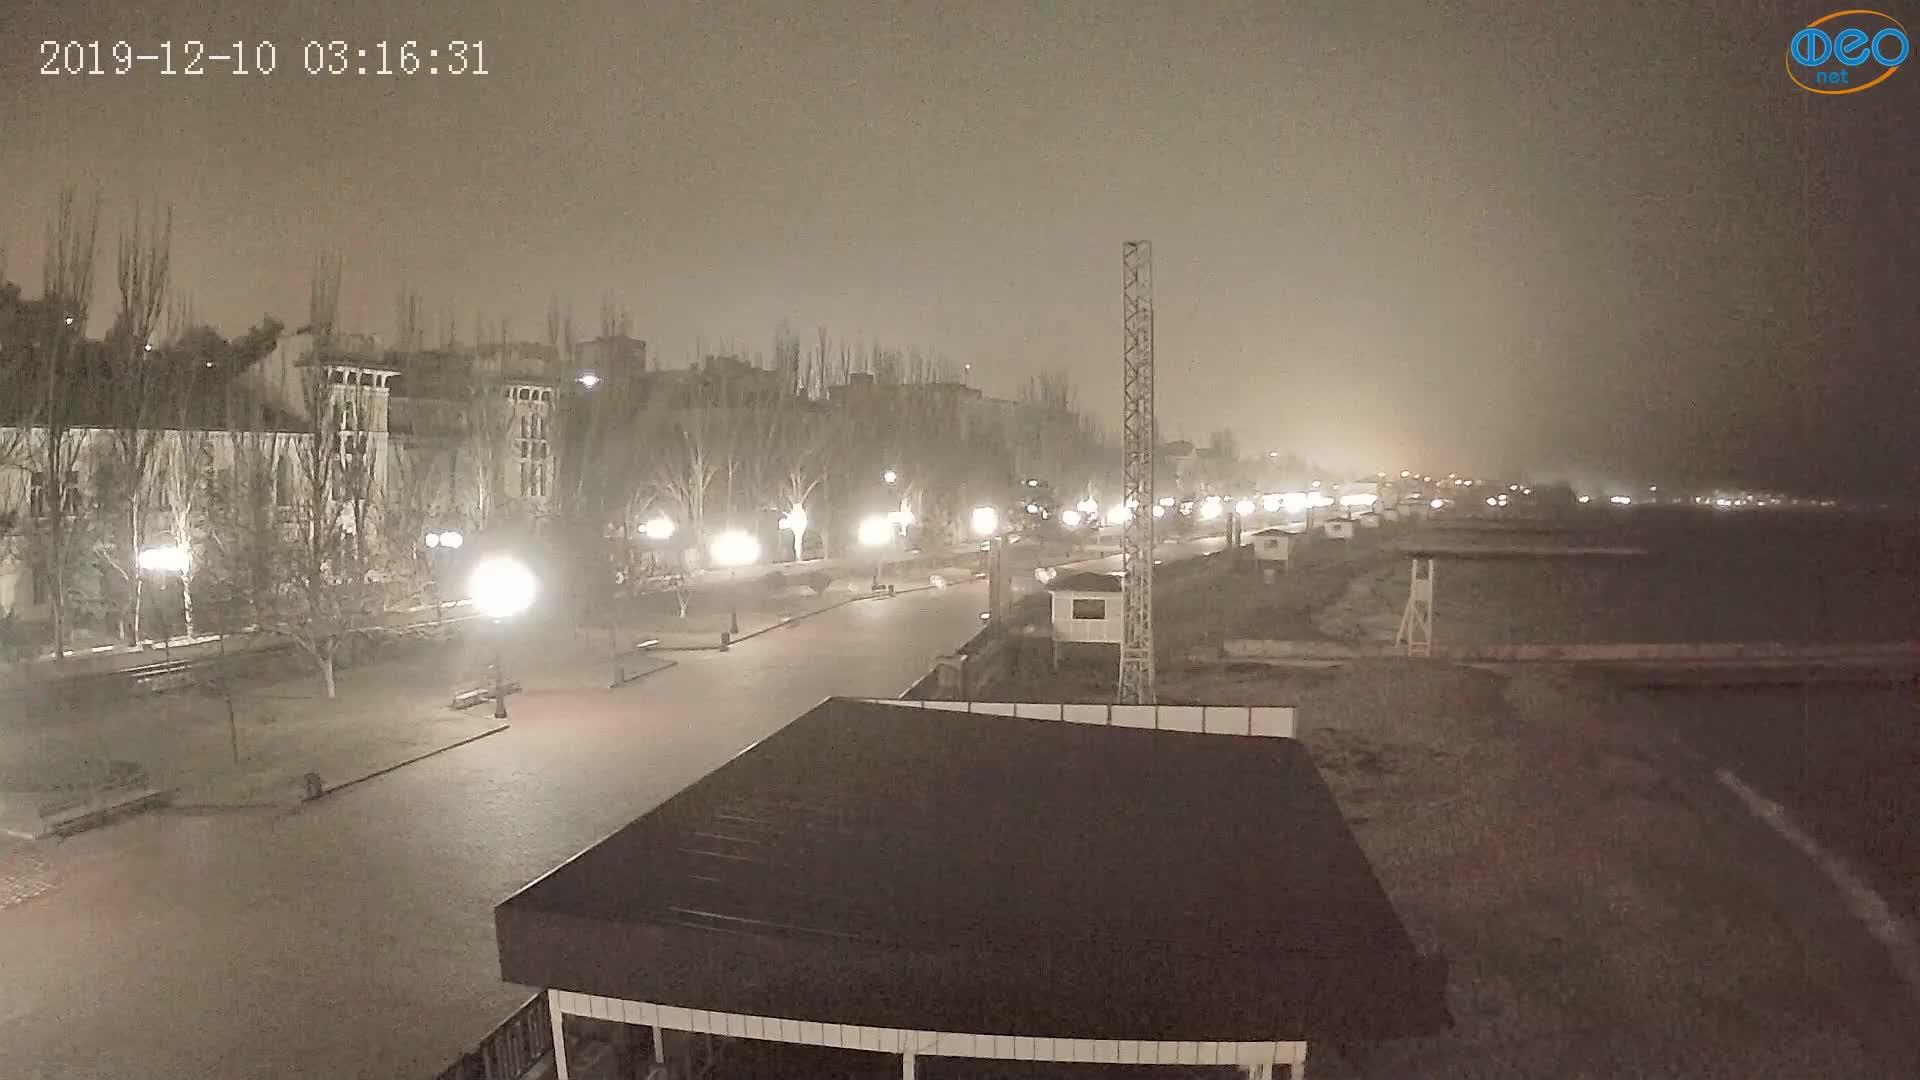 Веб-камеры Феодосии, Пляж Камешки, 2019-12-10 03:16:56